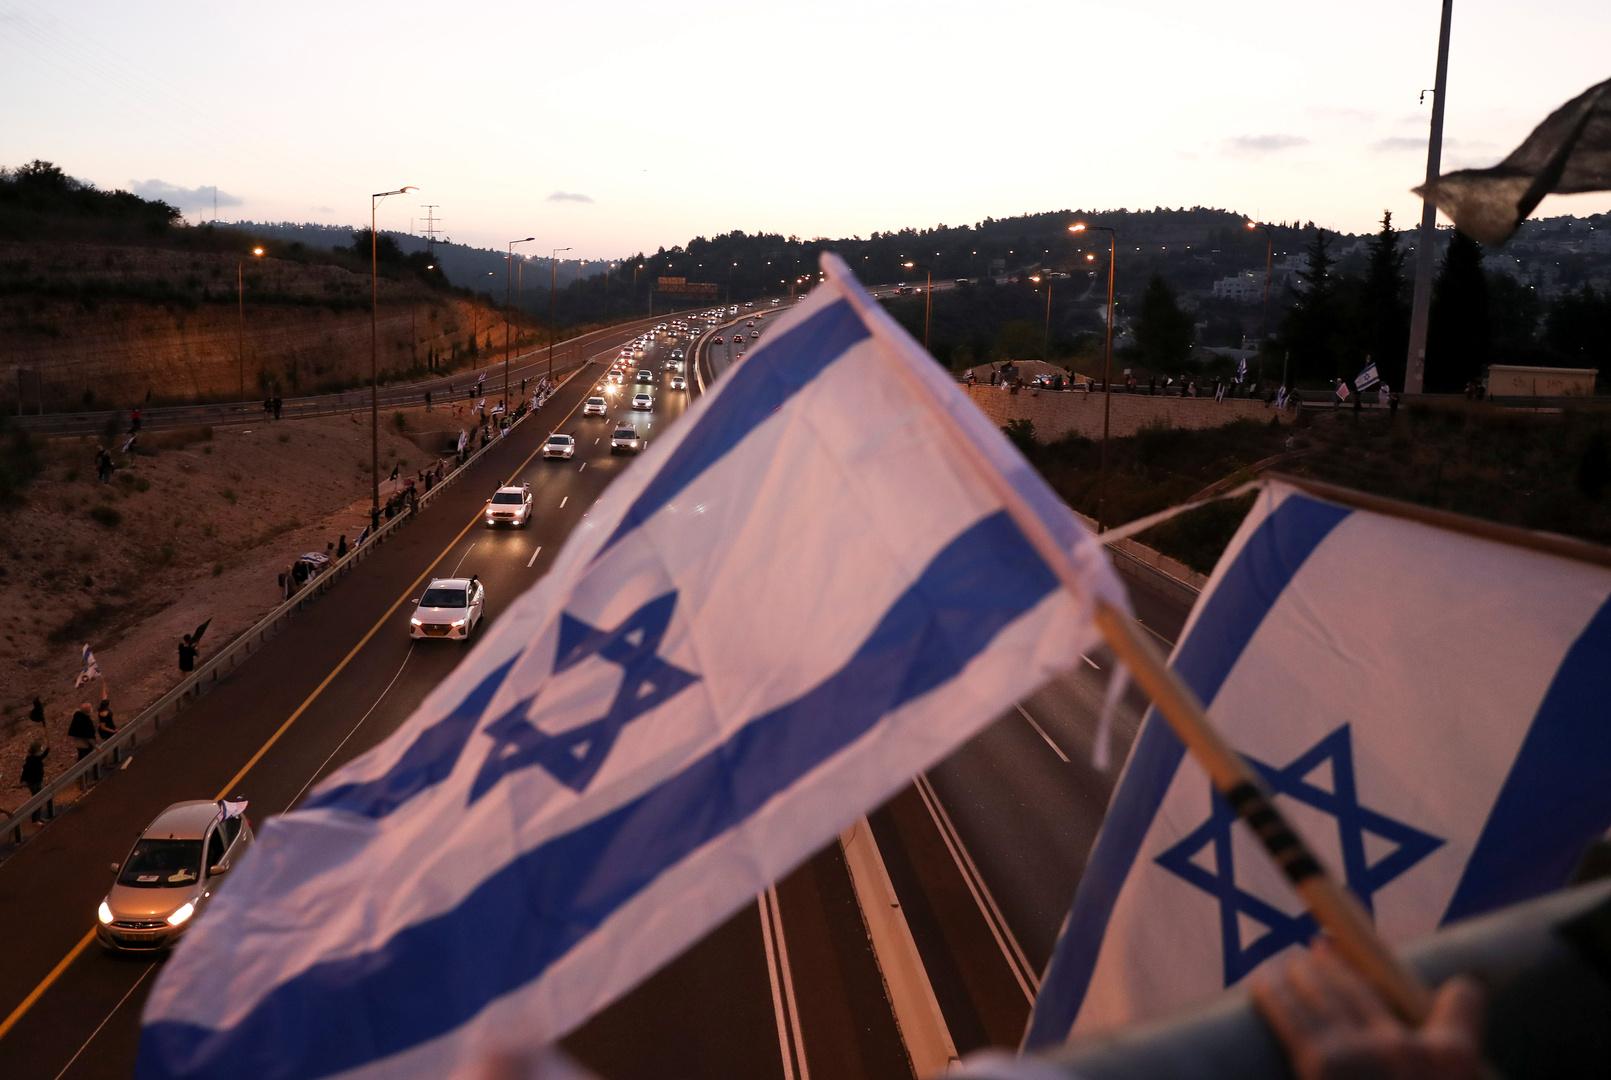 إعلام عبري: وزير الطاقة الإسرائيلي يزور قبرص ومصر